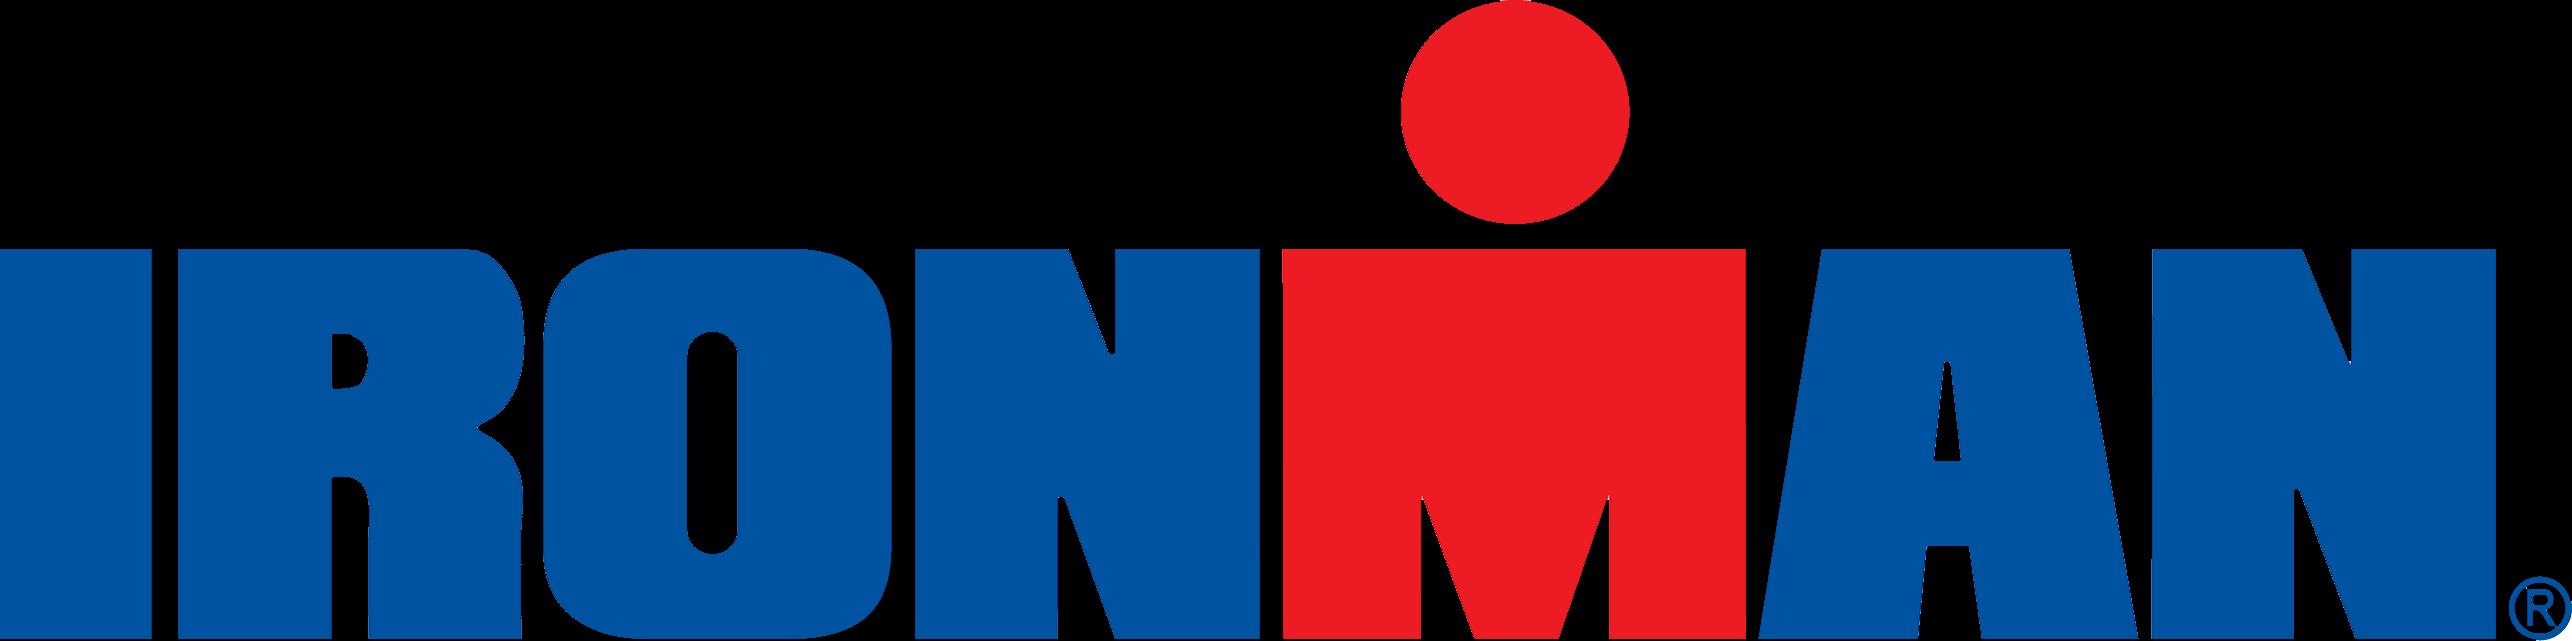 ironman mattress brand logo